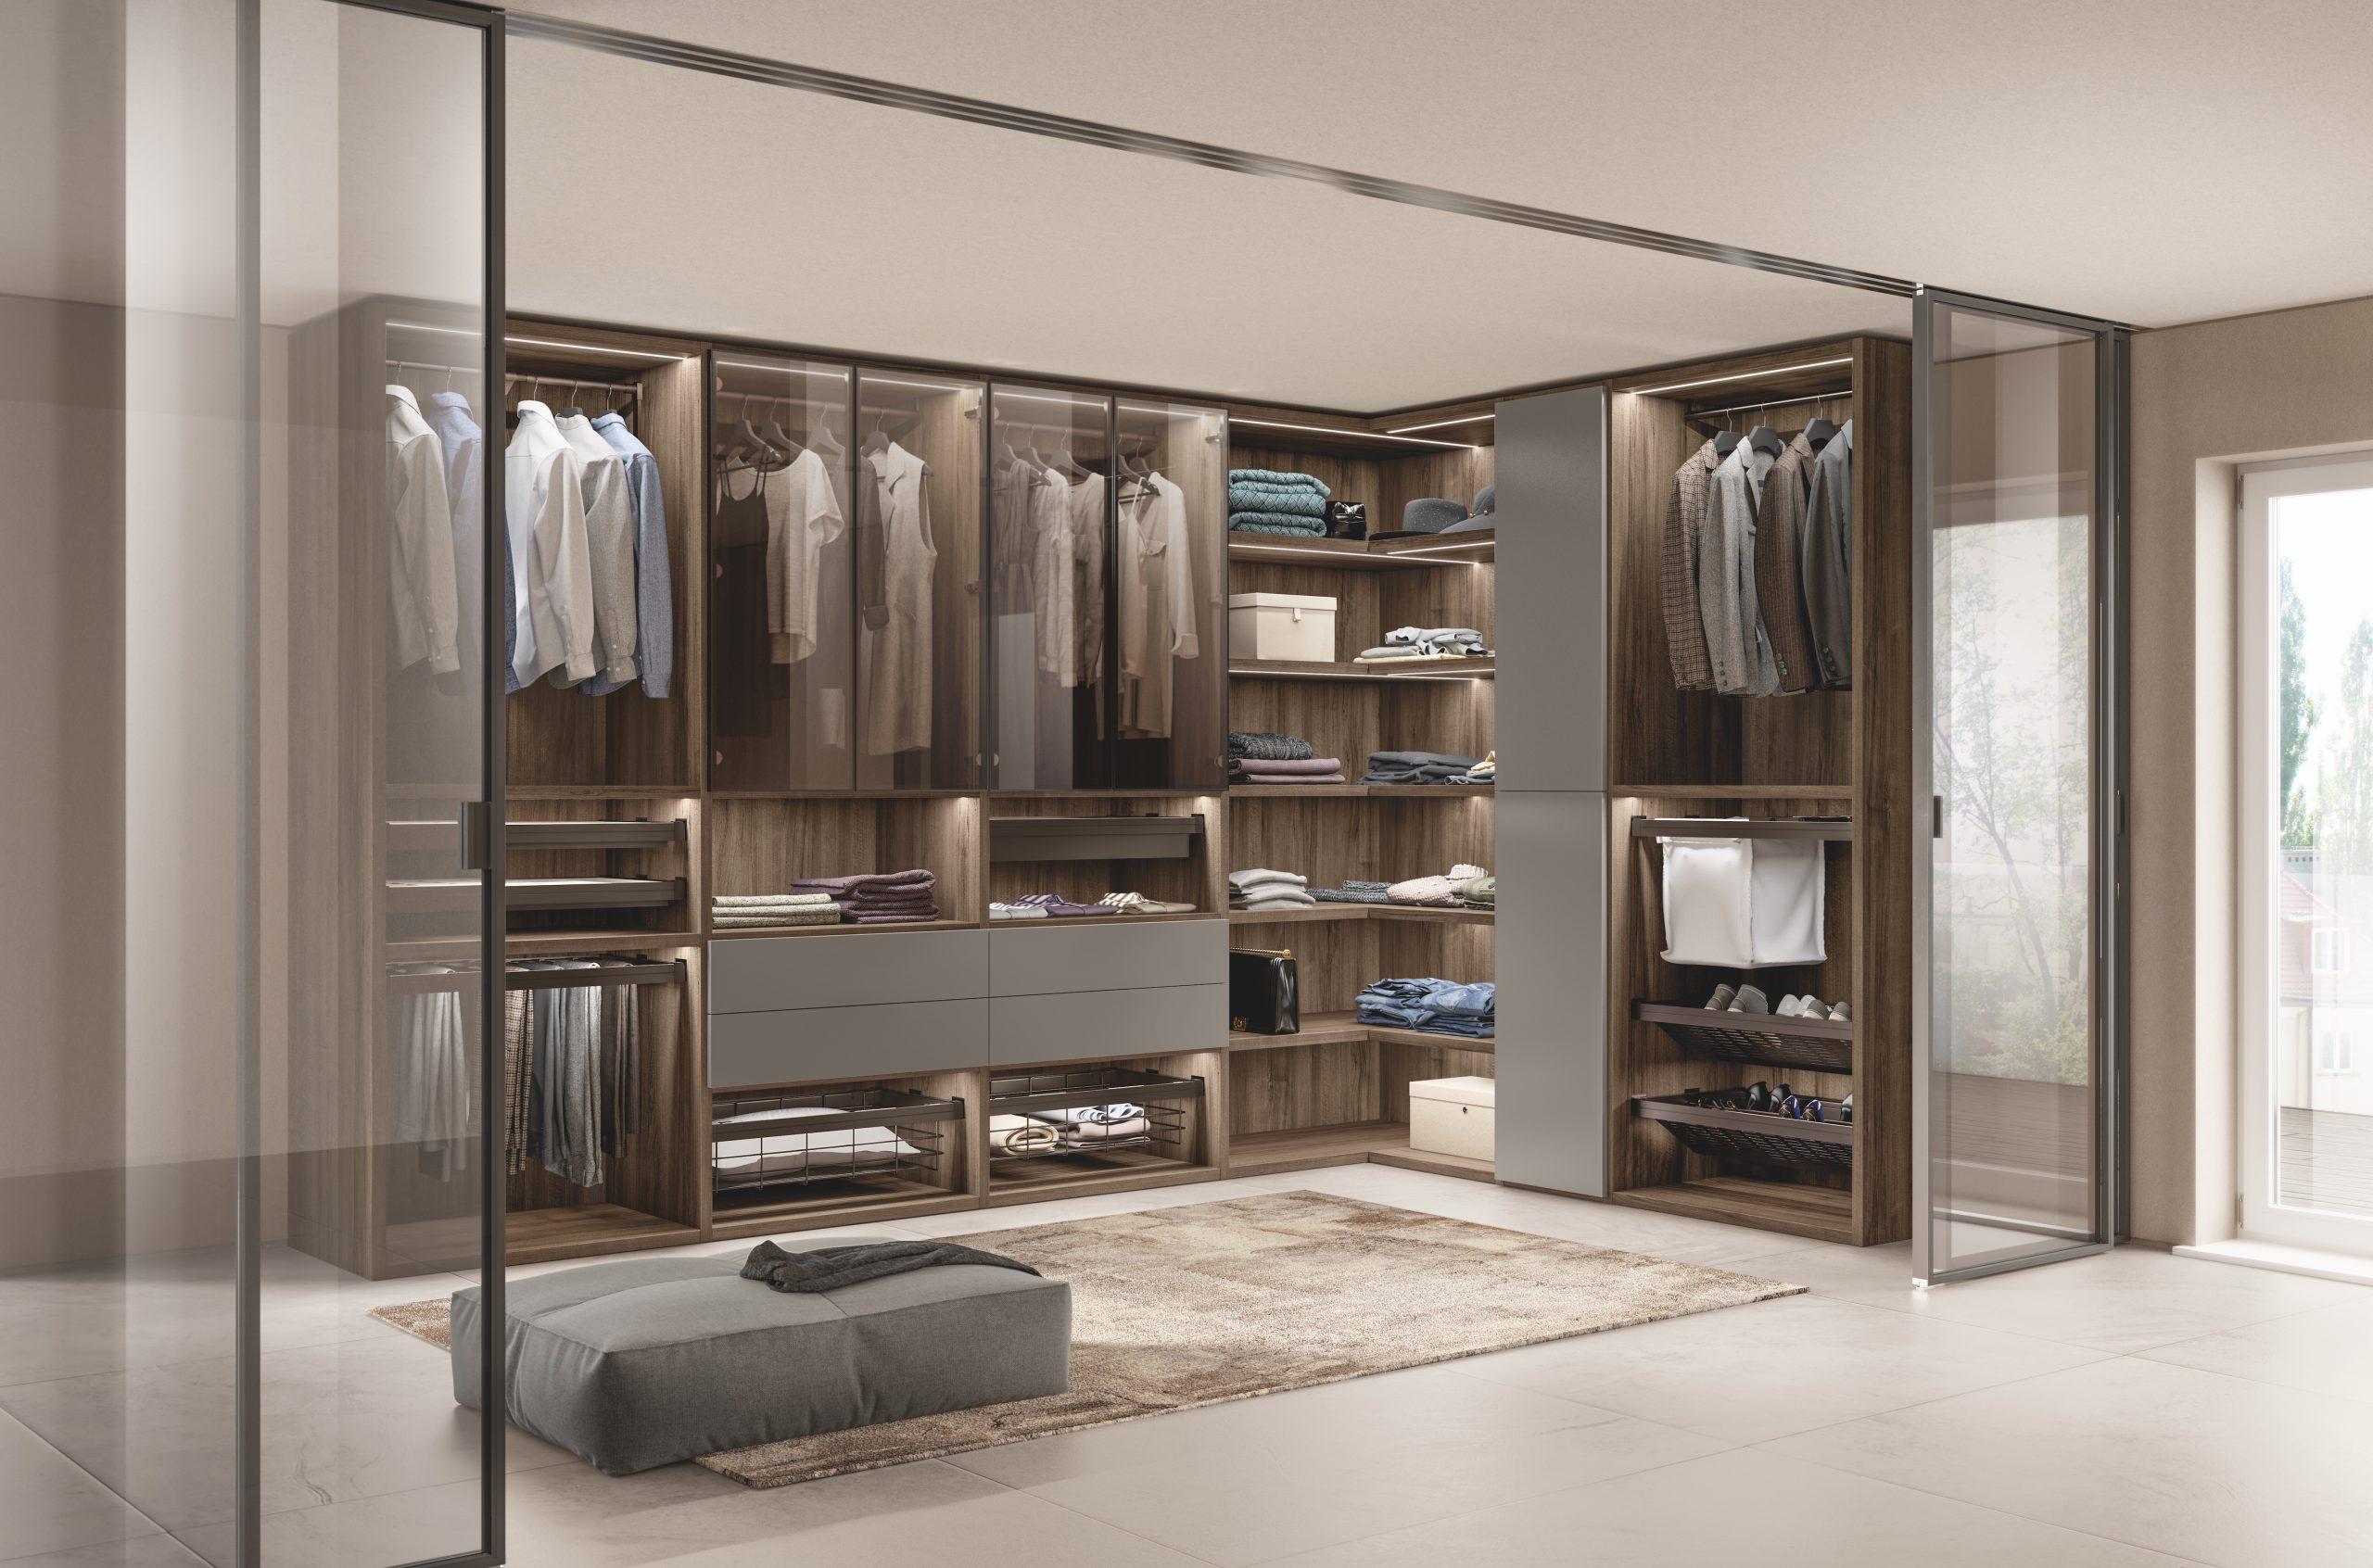 Scavolini : Un dressing entièrement modulable pour organiser votre garde-robe